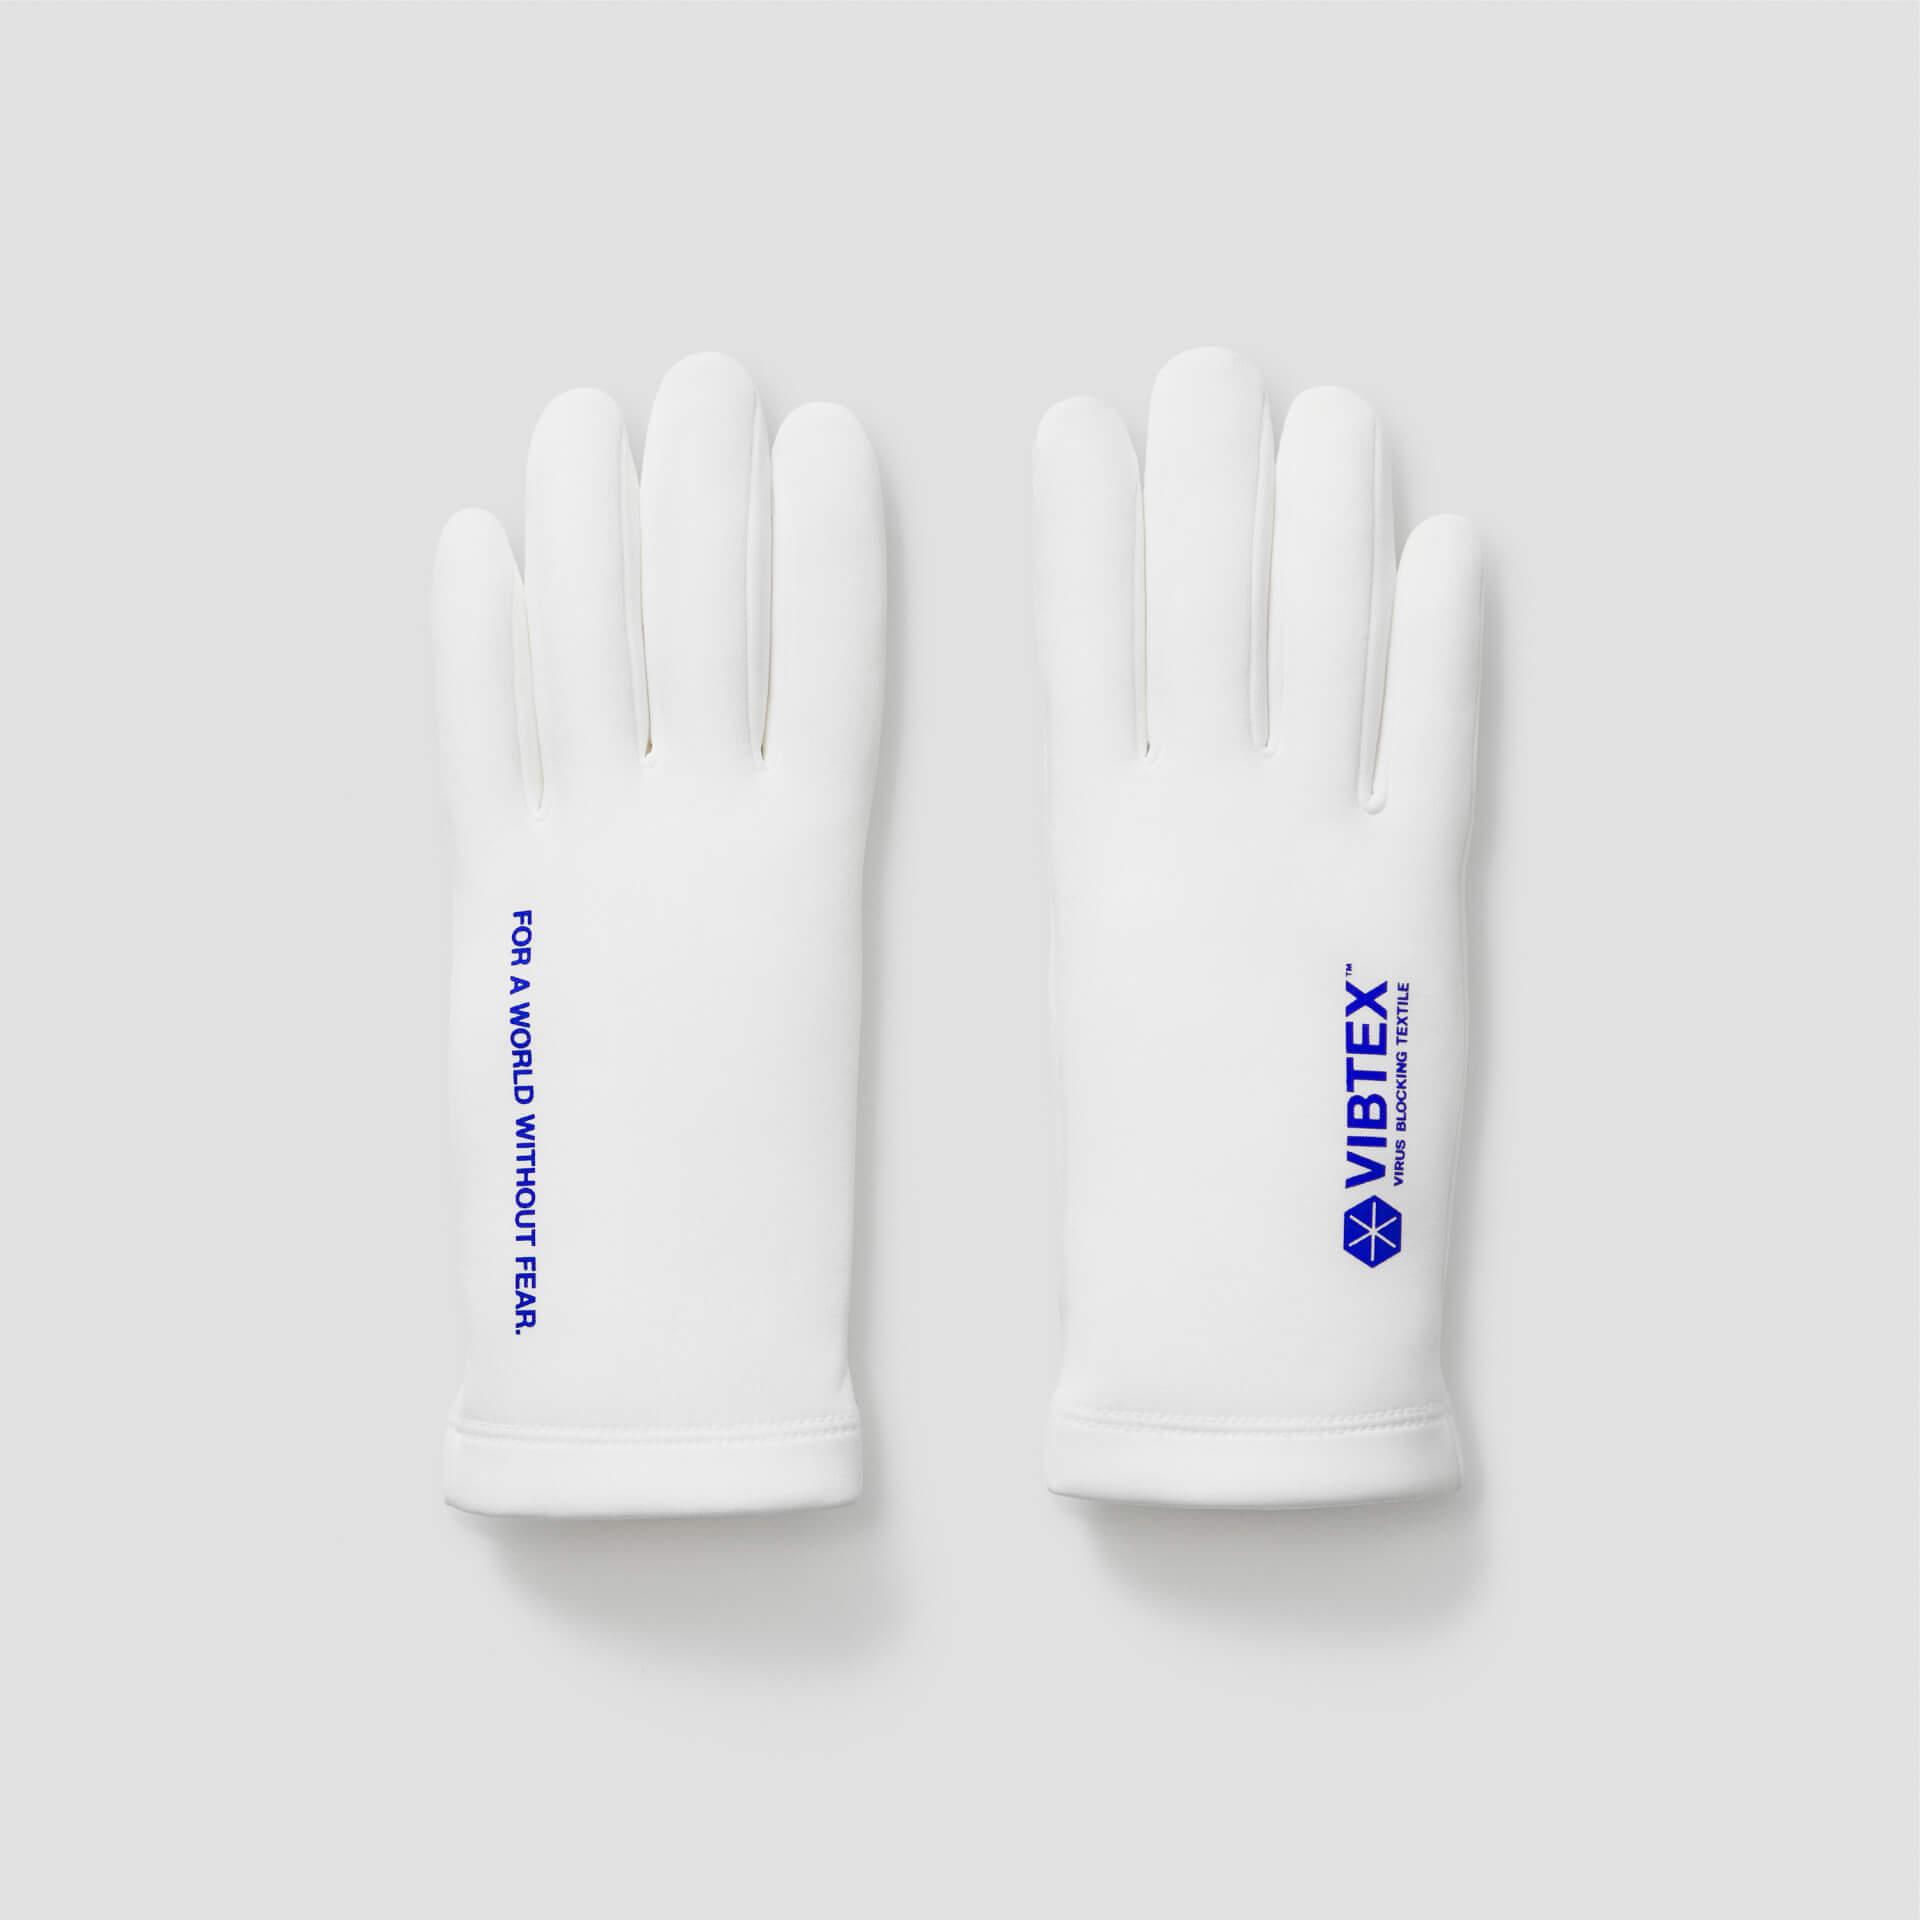 日本初の抗ウイルス機能を備えたアイテムが満載!「VIBTEX™」が誕生&コンセプトビジュアルにchelmico就任 fashion2020910-vibtex38